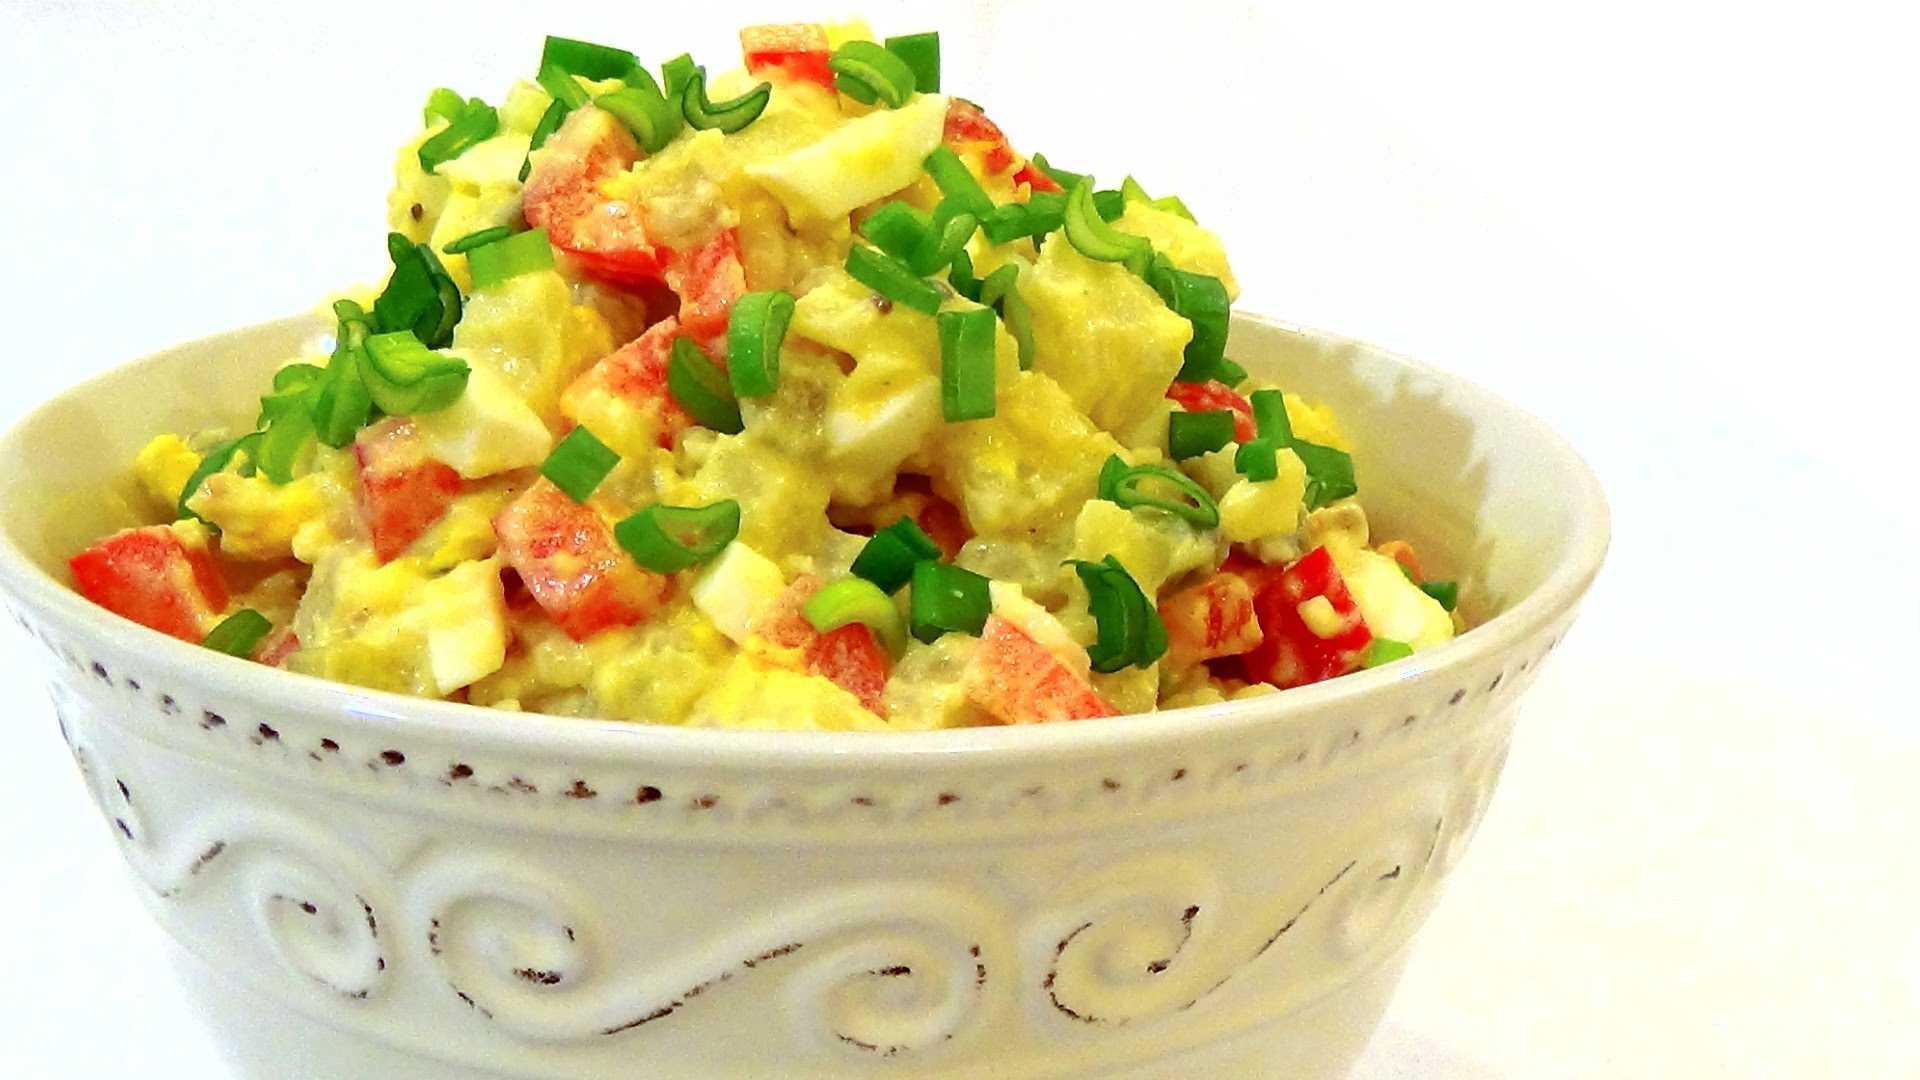 Картофельный салат по-американски, по-немецки - классические рецепты